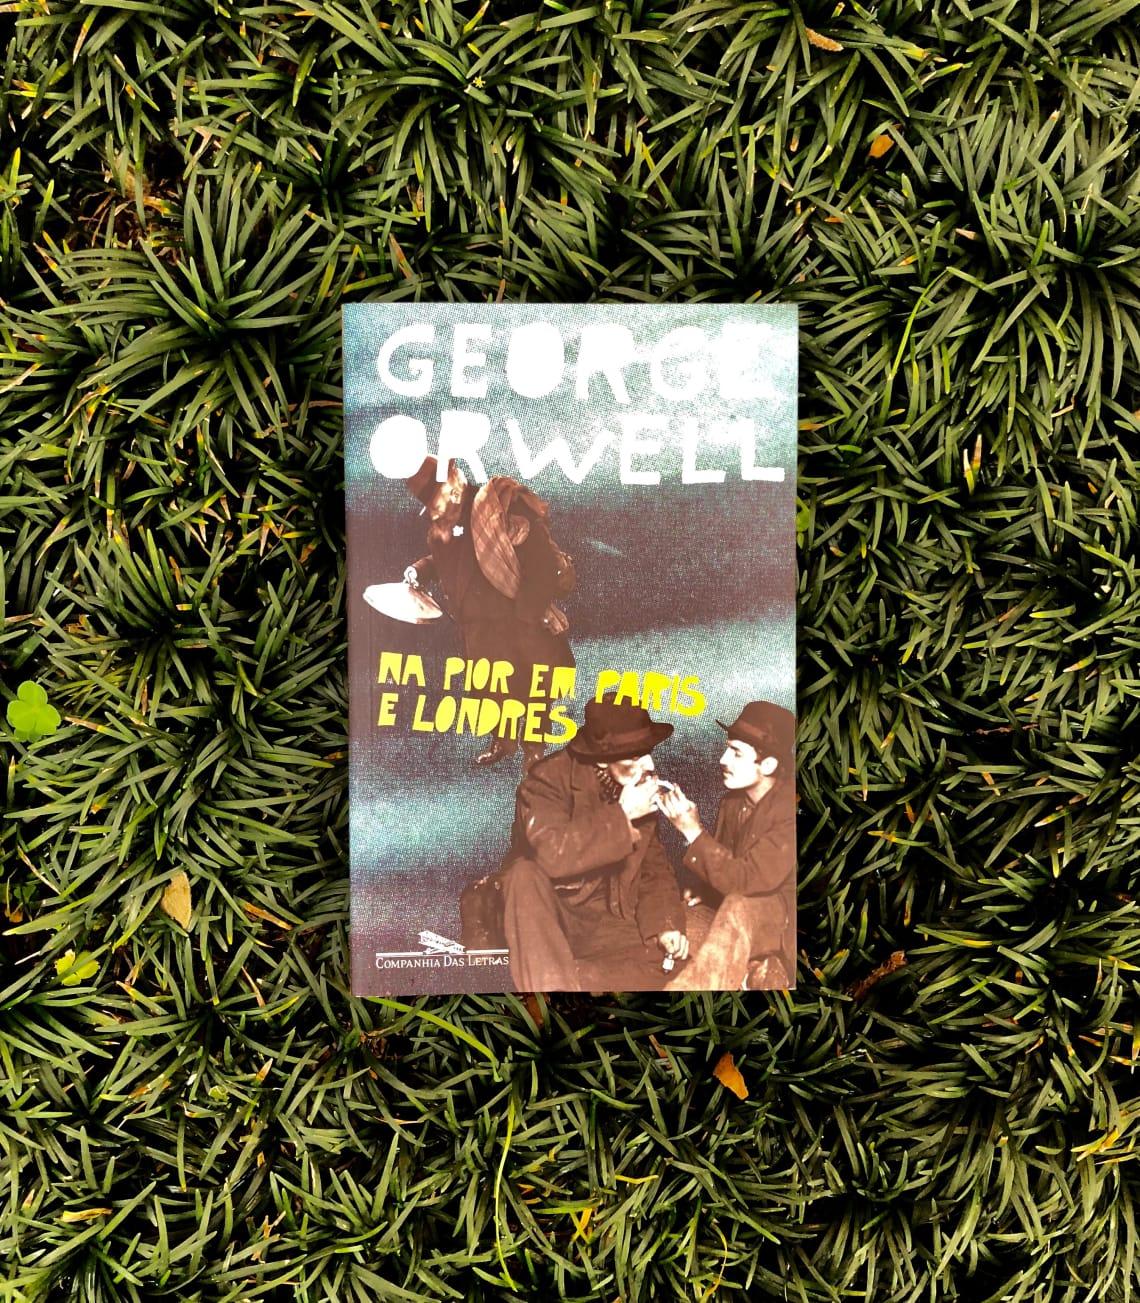 Na pior em paris e londres,George Orwell